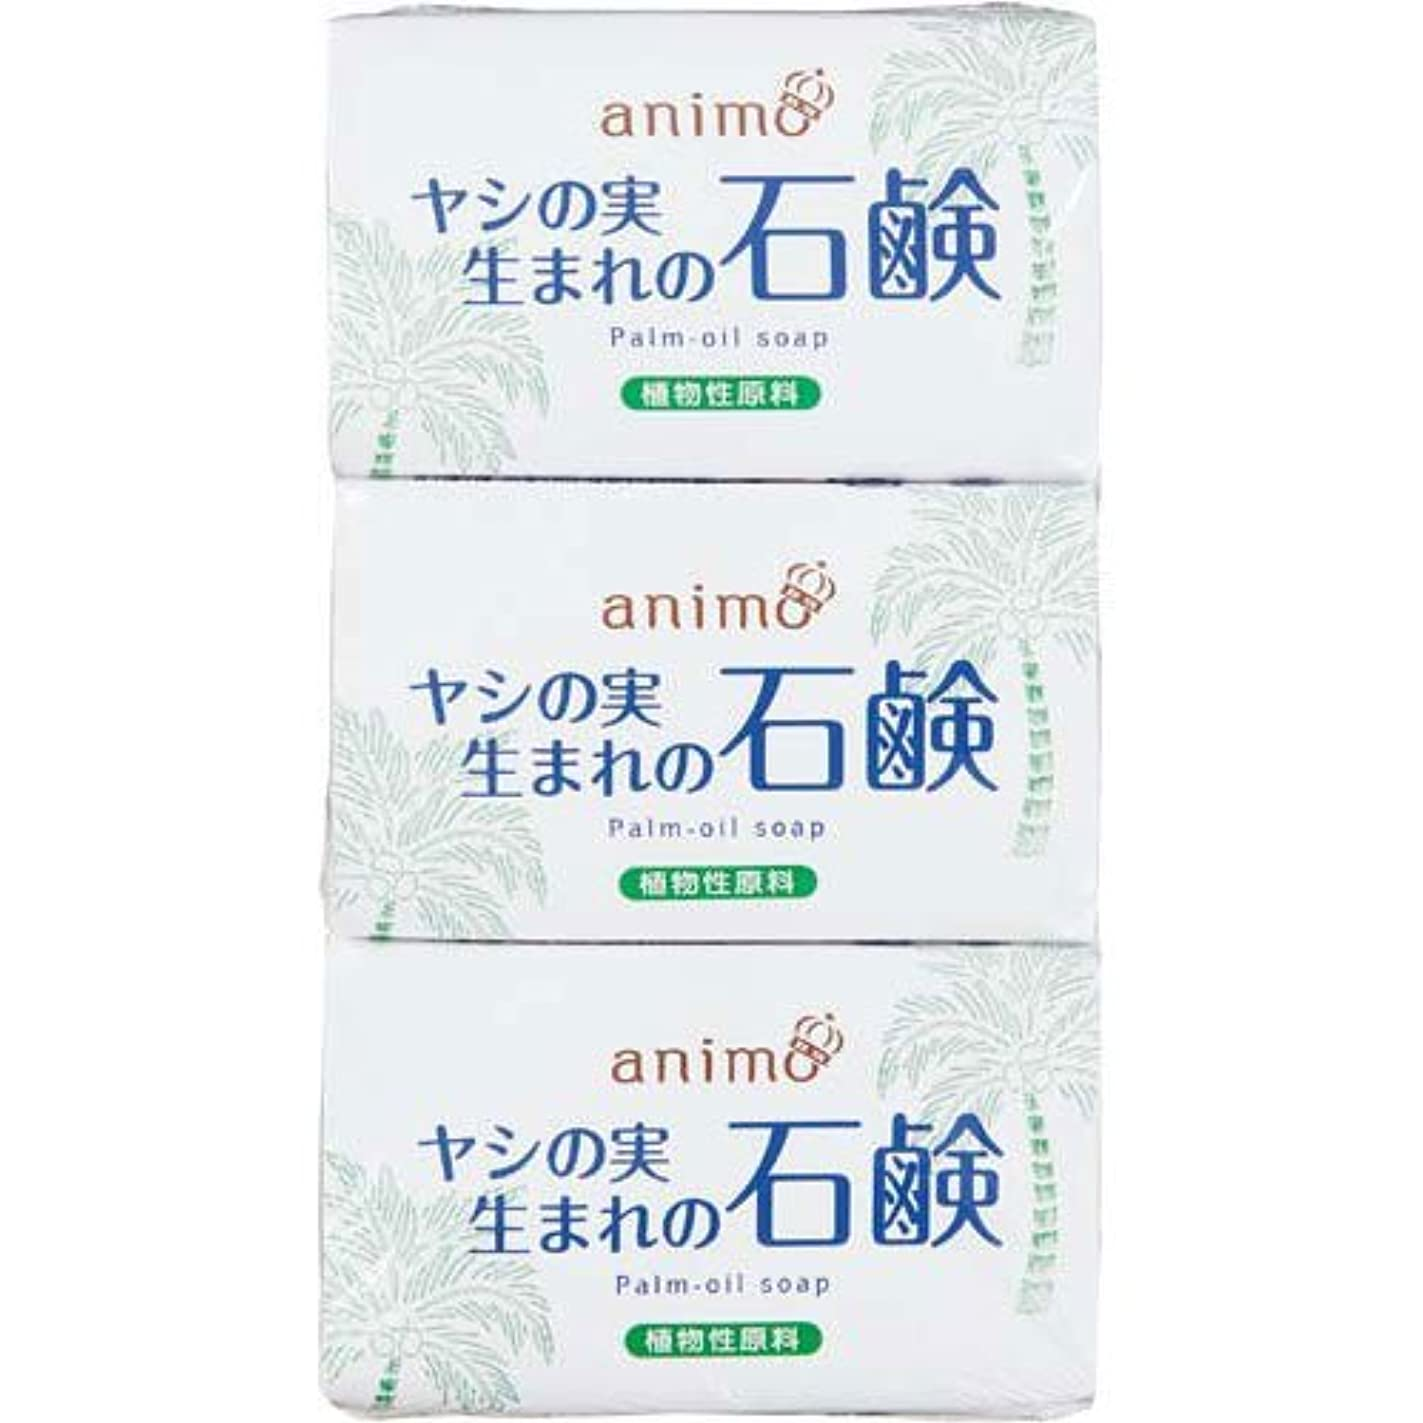 自伝迷惑連邦ロケット石鹸 ヤシの実石鹸 80g×3個×10パック